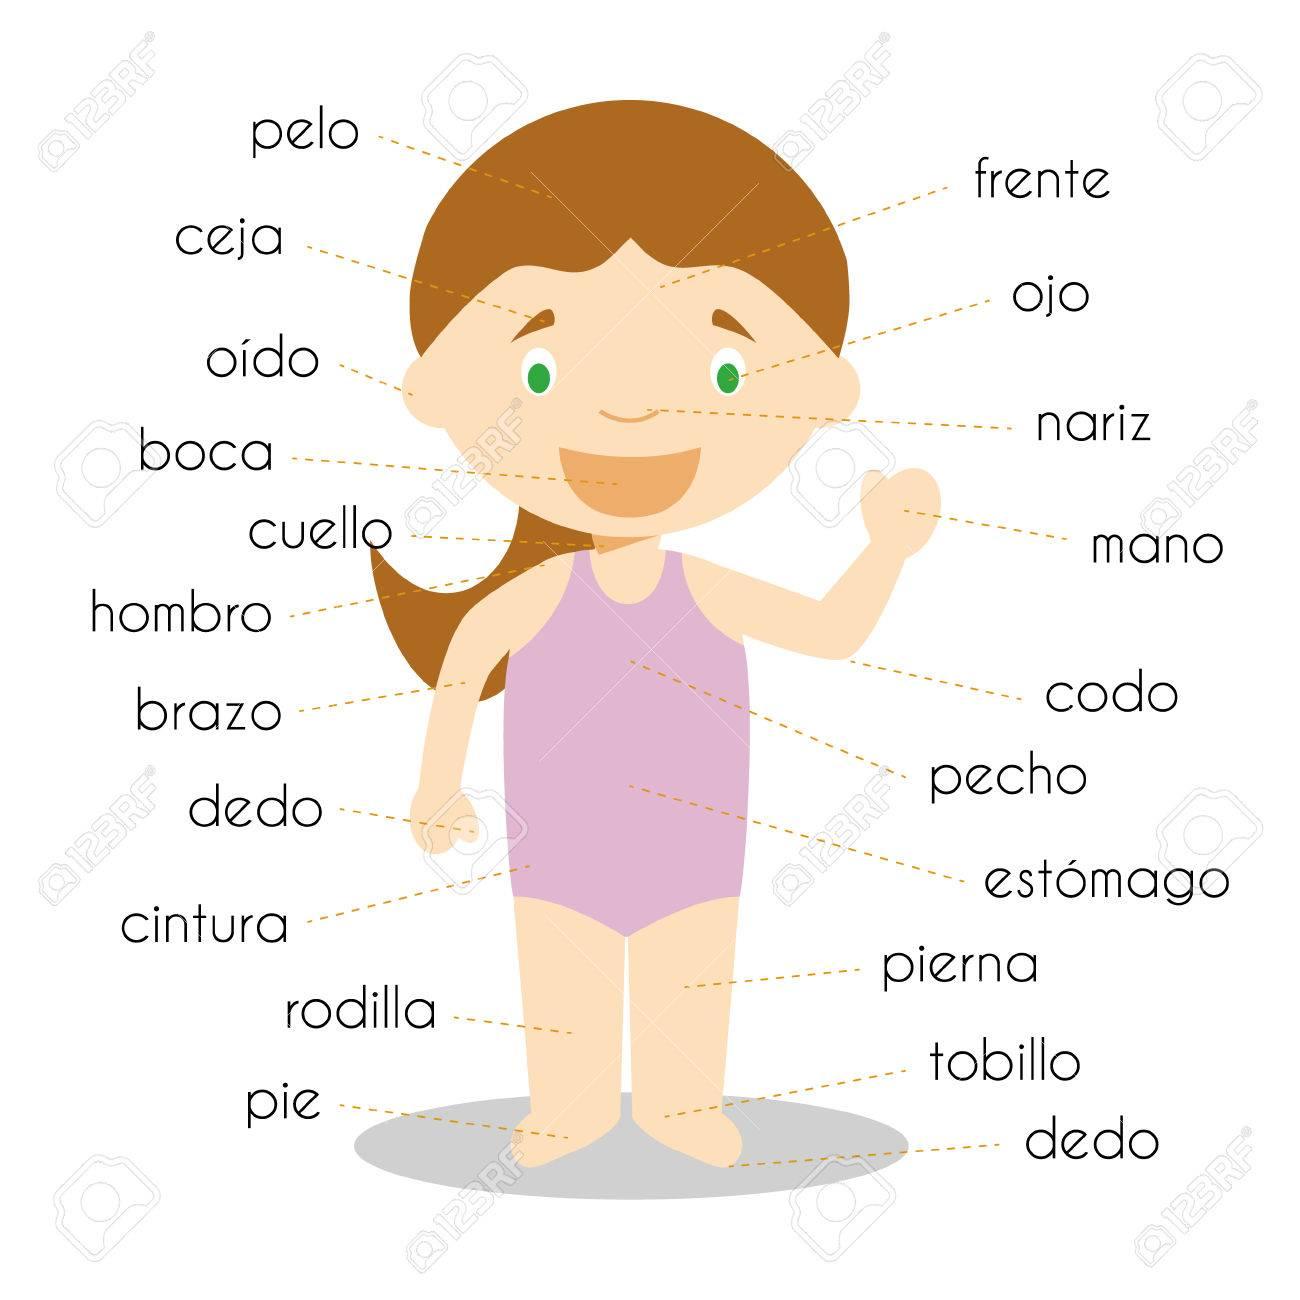 Humana Vocabulario Partes Del Cuerpo En Español Ilustración Vector ...